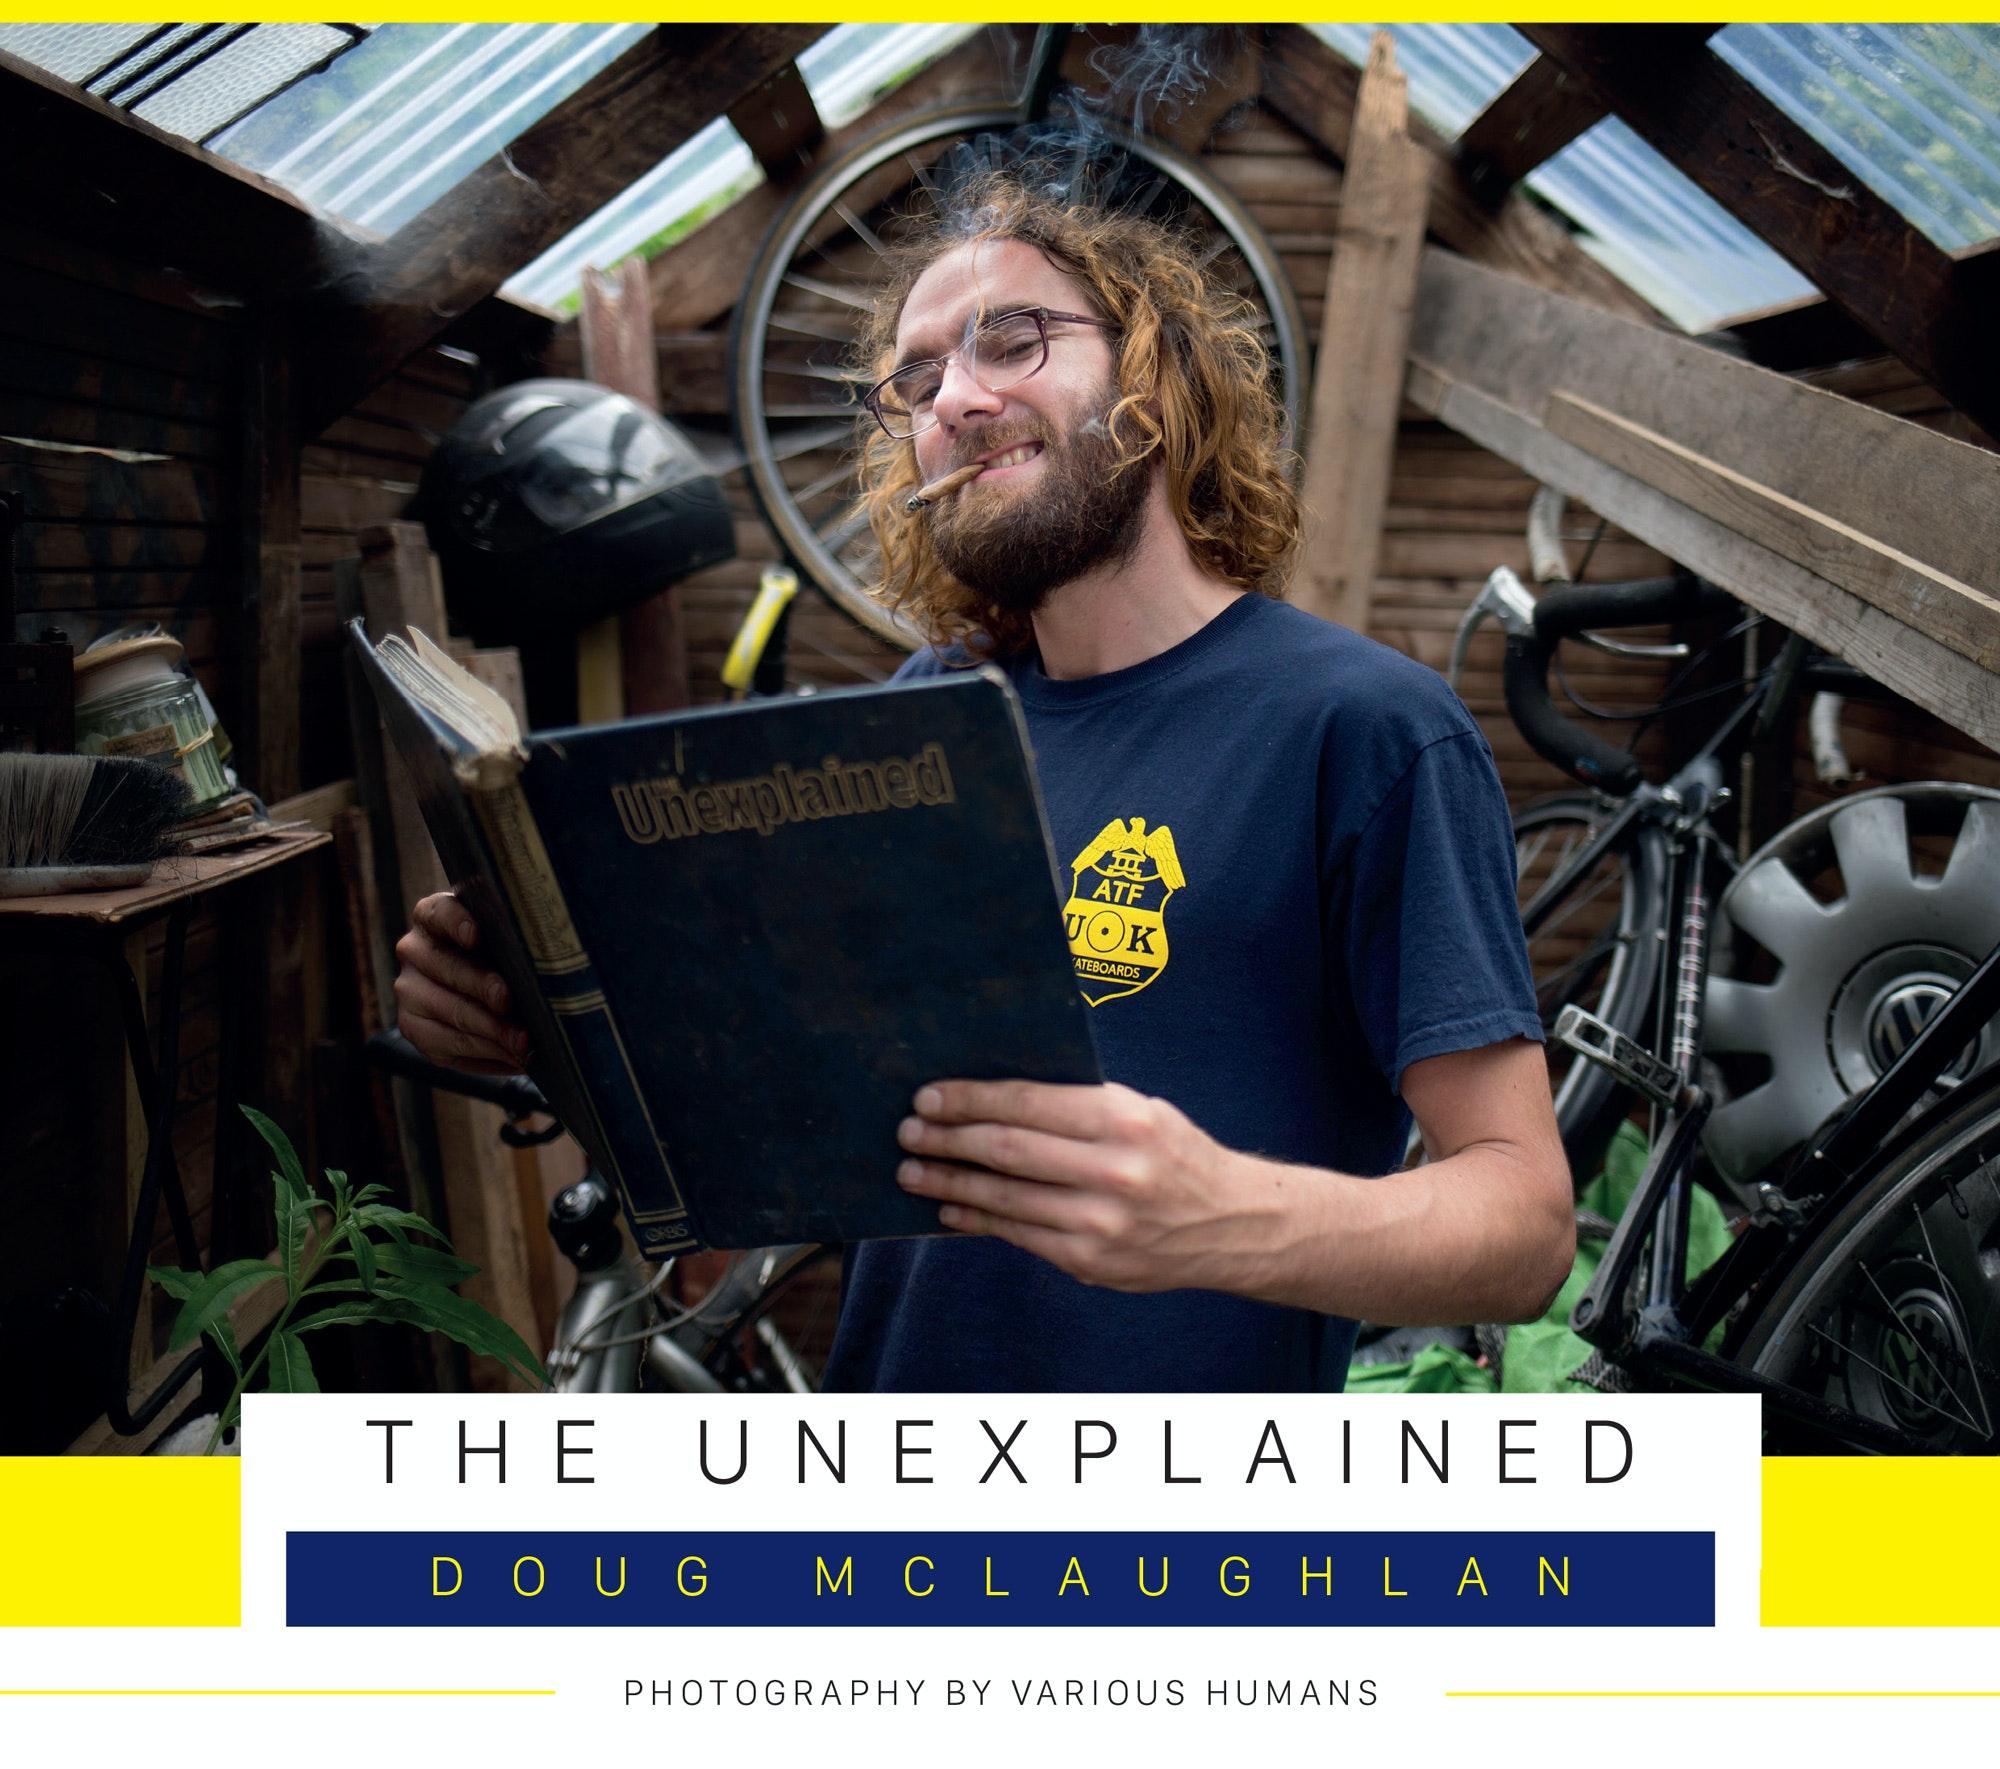 The Unexplained Doug McLaughlan